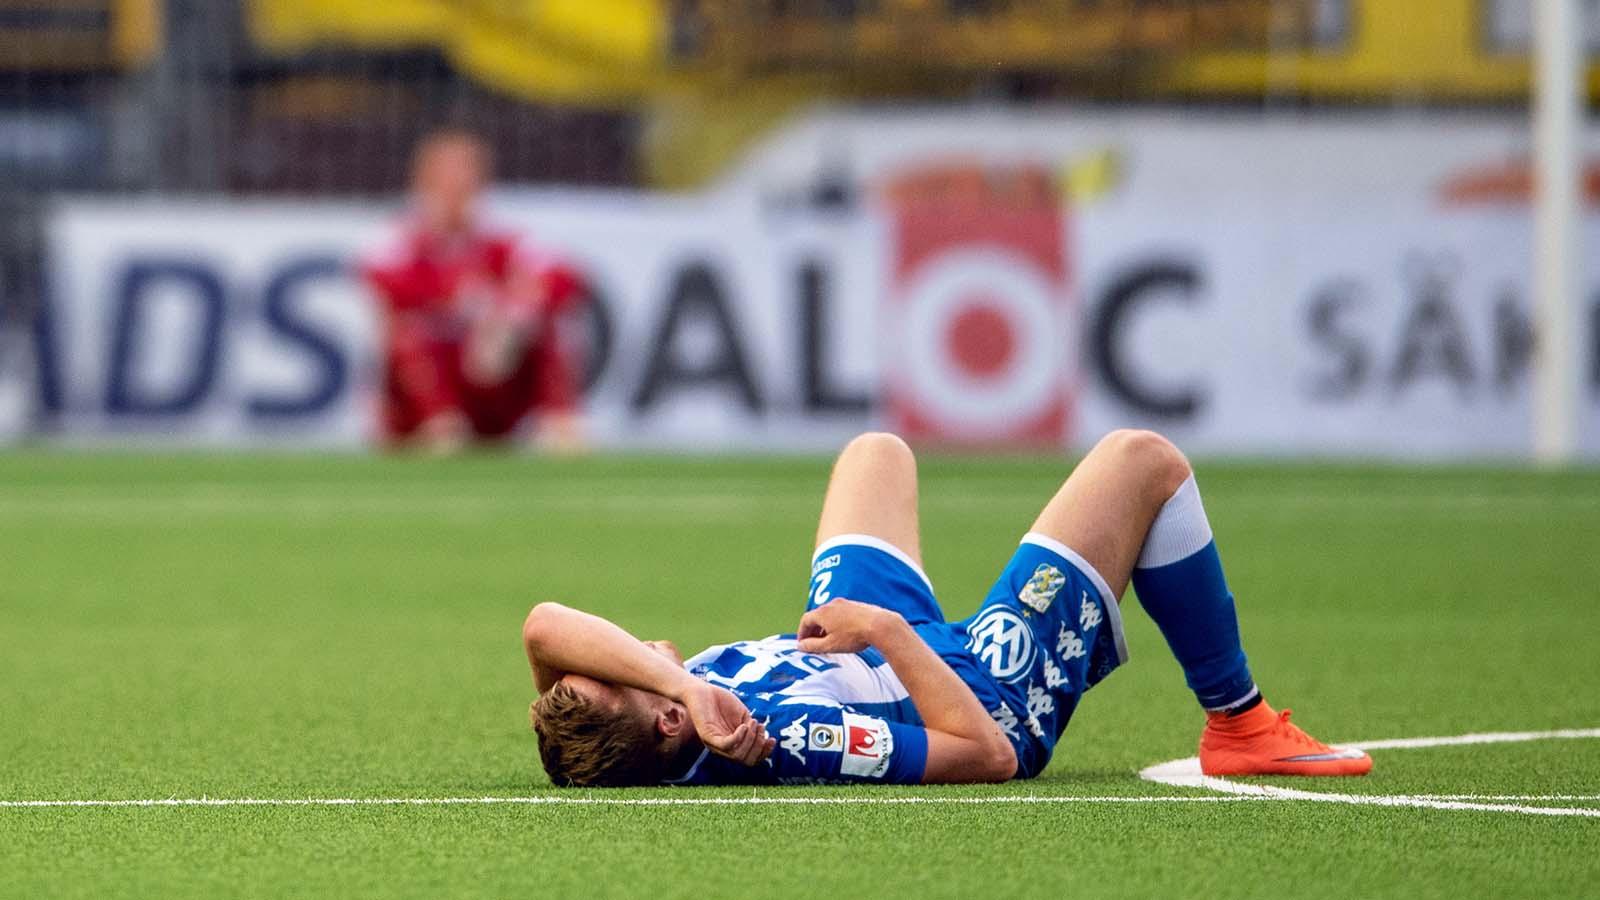 180521 IFK Göteborgs Sebastian Ohlsson deppar efter fotbollsmatchen i Allsvenskan mellan Elfsborg och IFK Göteborg den 21 maj 2018 i Borås. Foto: Carl Sandin / BILDBYRÅN / kod CS / 57999_353